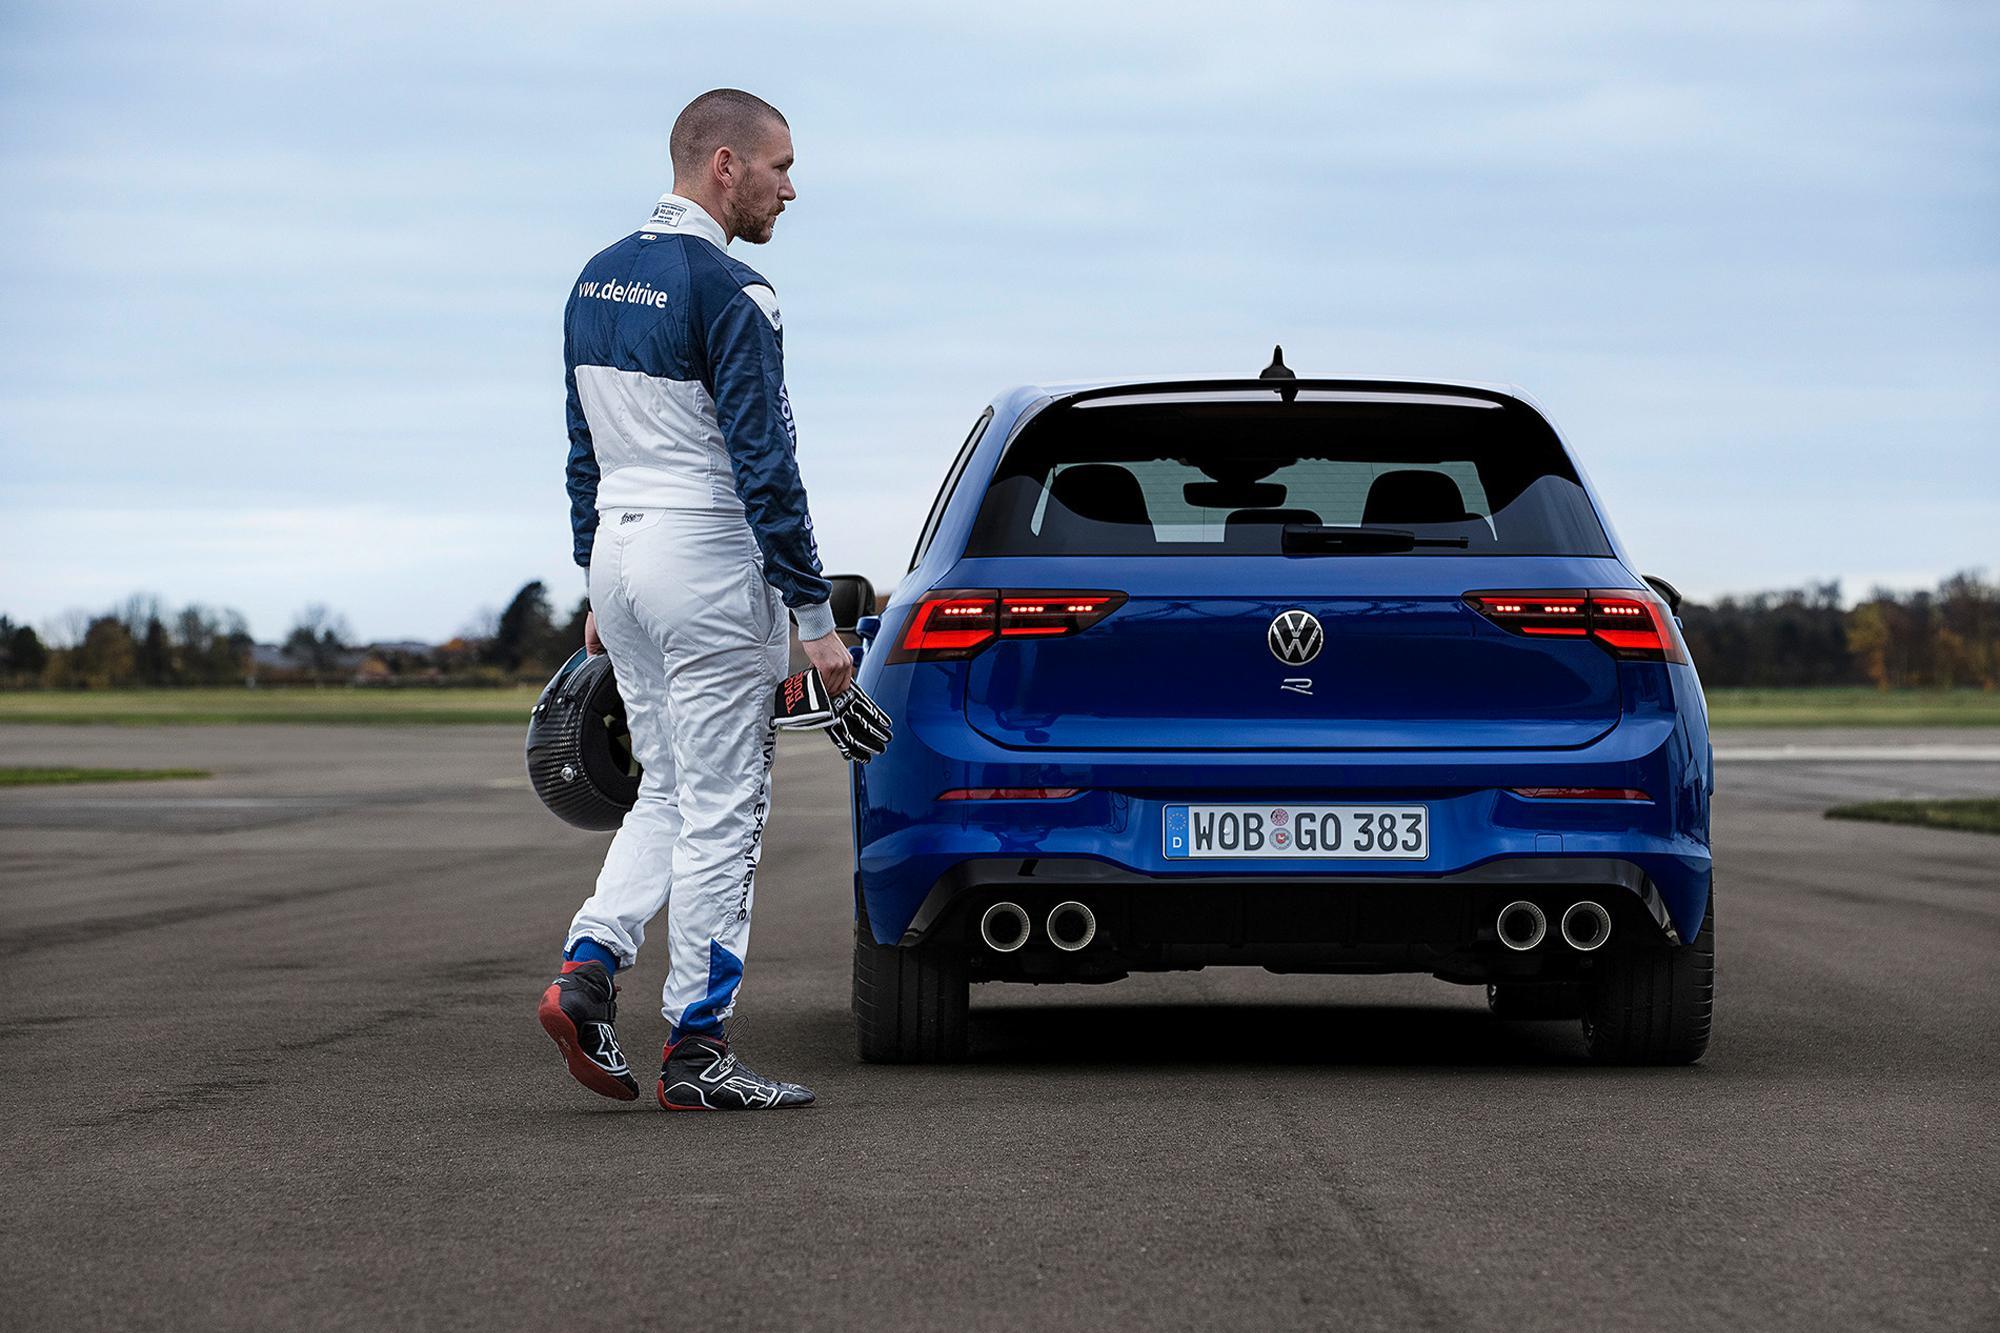 Με drift mode, χειροκίνητο κιβώτιο και 320Ps το VW Golf R